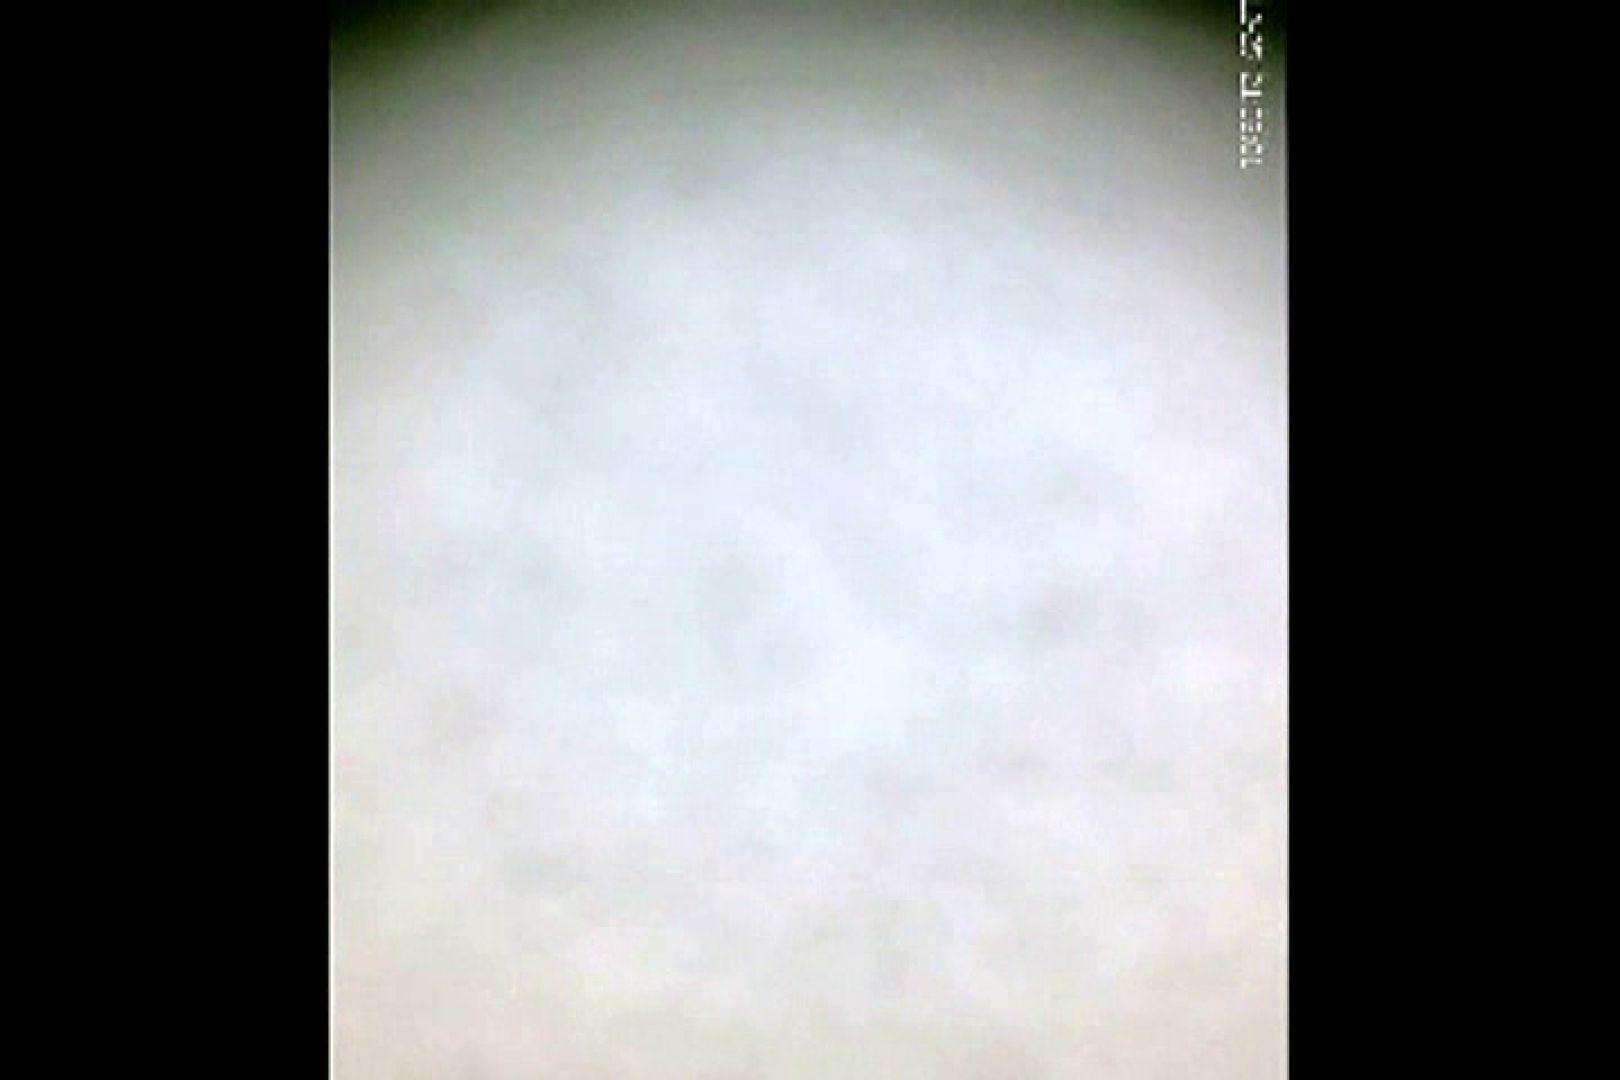 美女洗面所!痴態の生現場その09 美女ヌード オメコ無修正動画無料 85画像 62